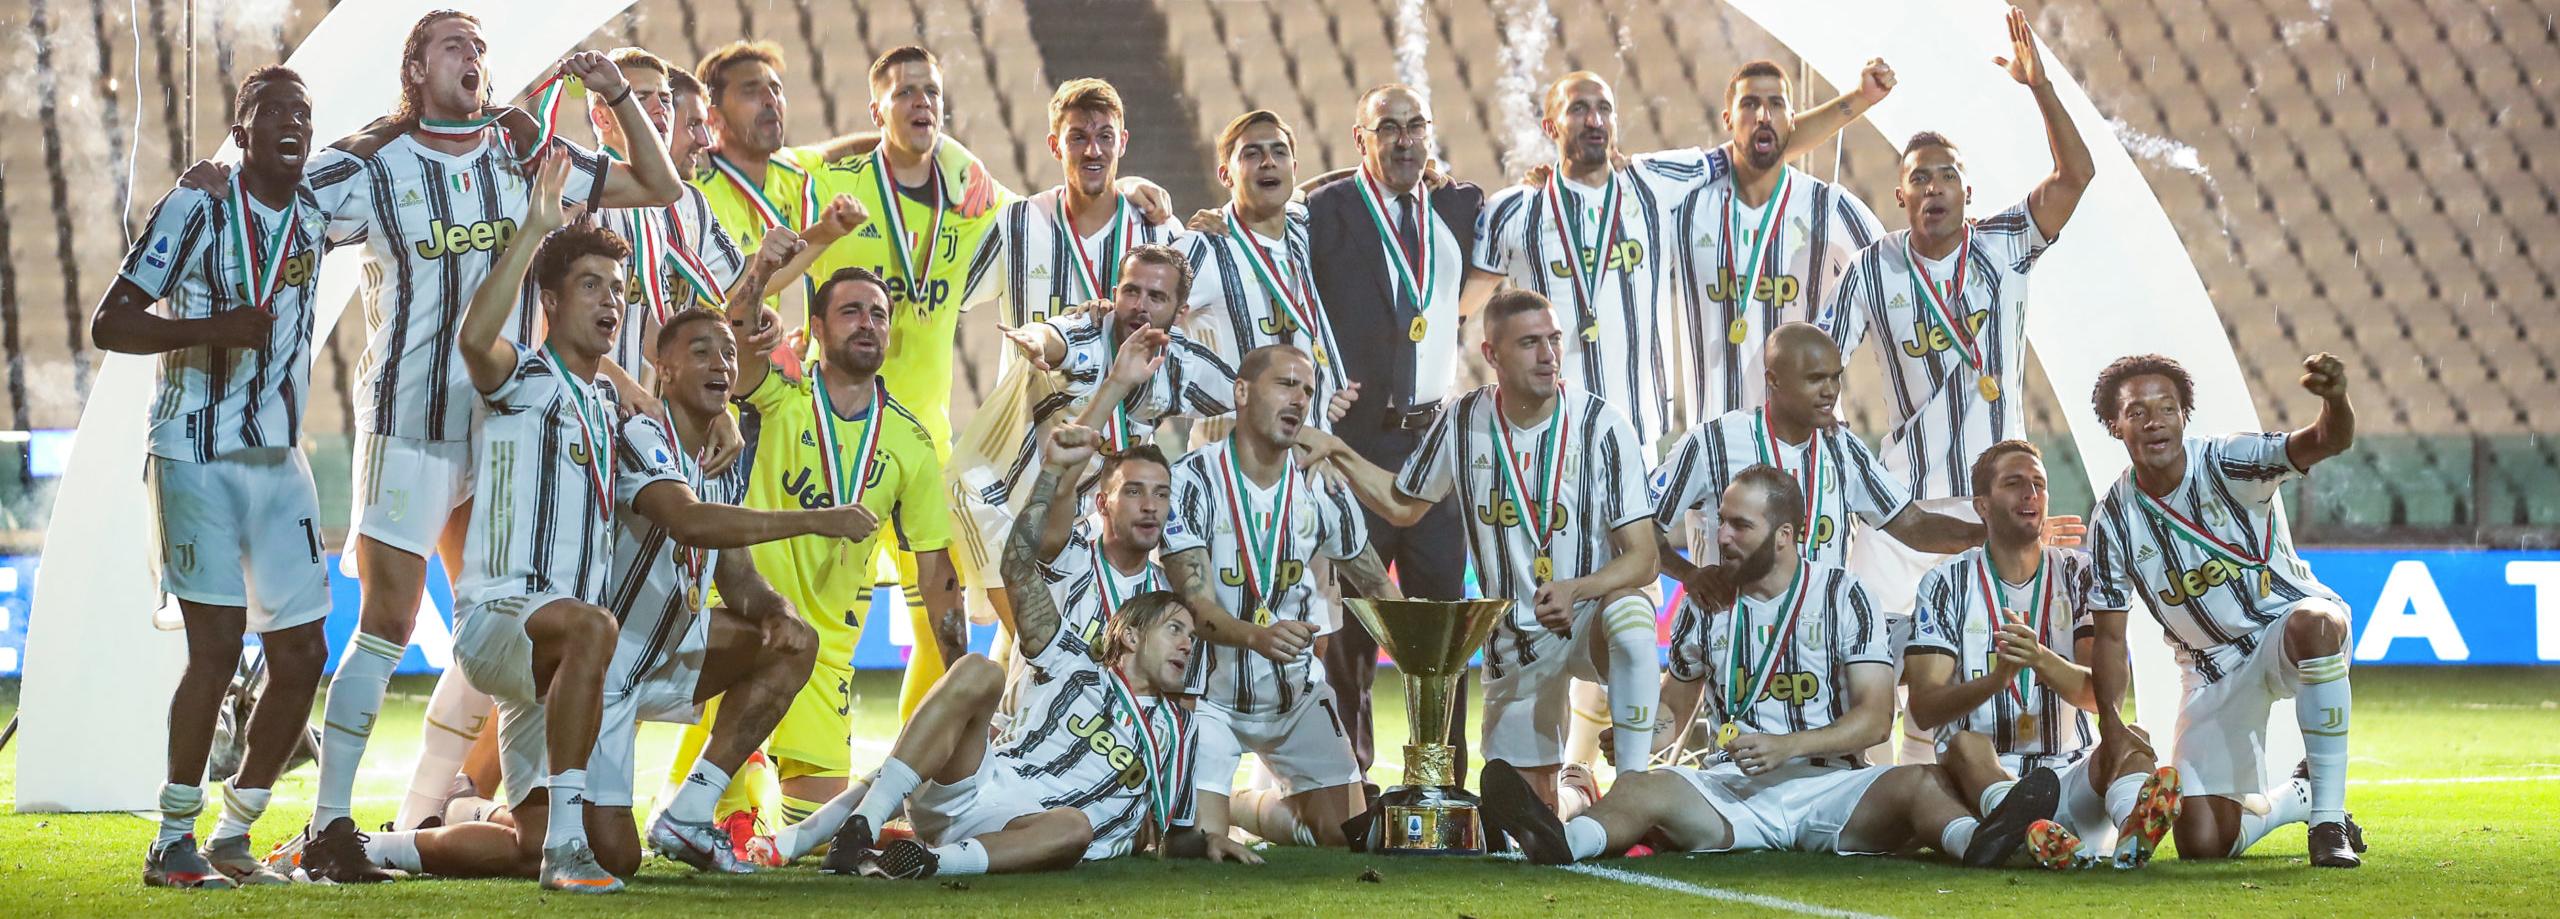 Calendario Serie A 2020-21: le date dei big match e tutte le partite più interessanti da scommettere